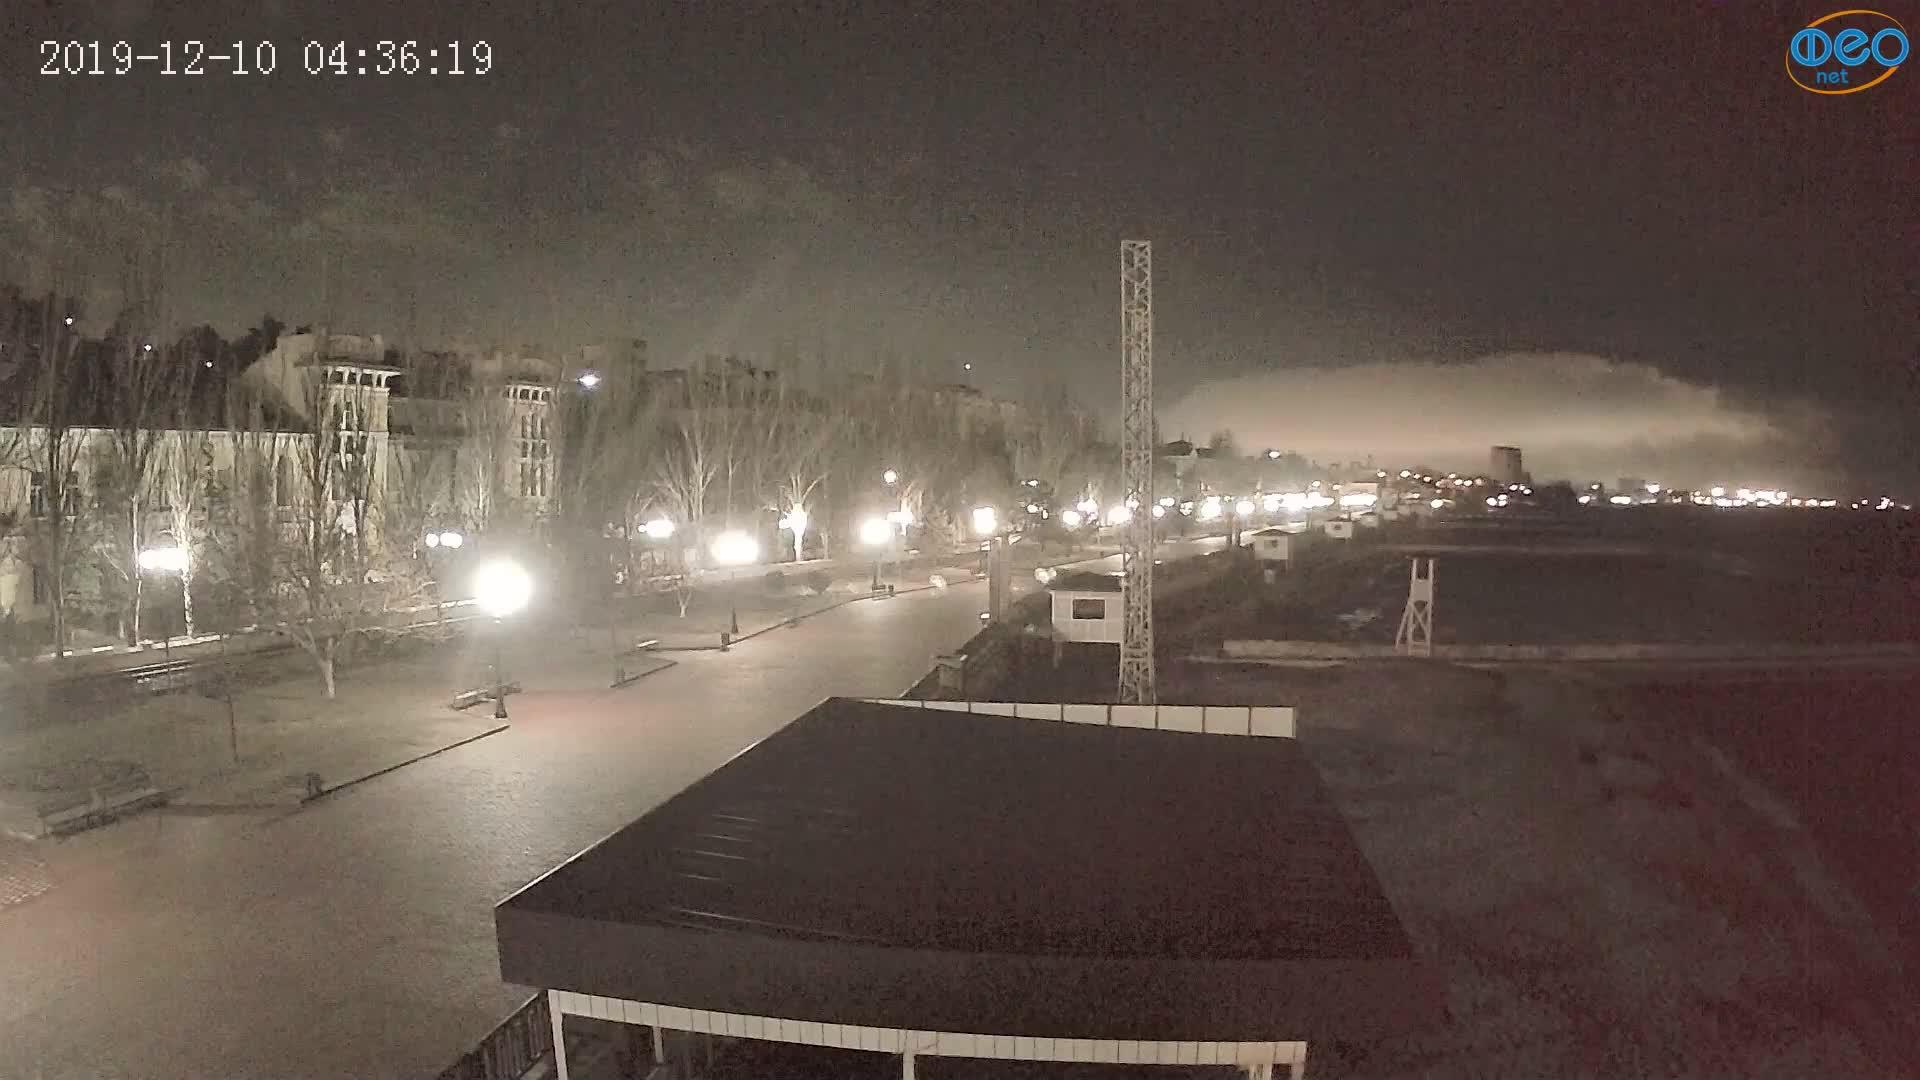 Веб-камеры Феодосии, Пляж Камешки, 2019-12-10 04:36:43